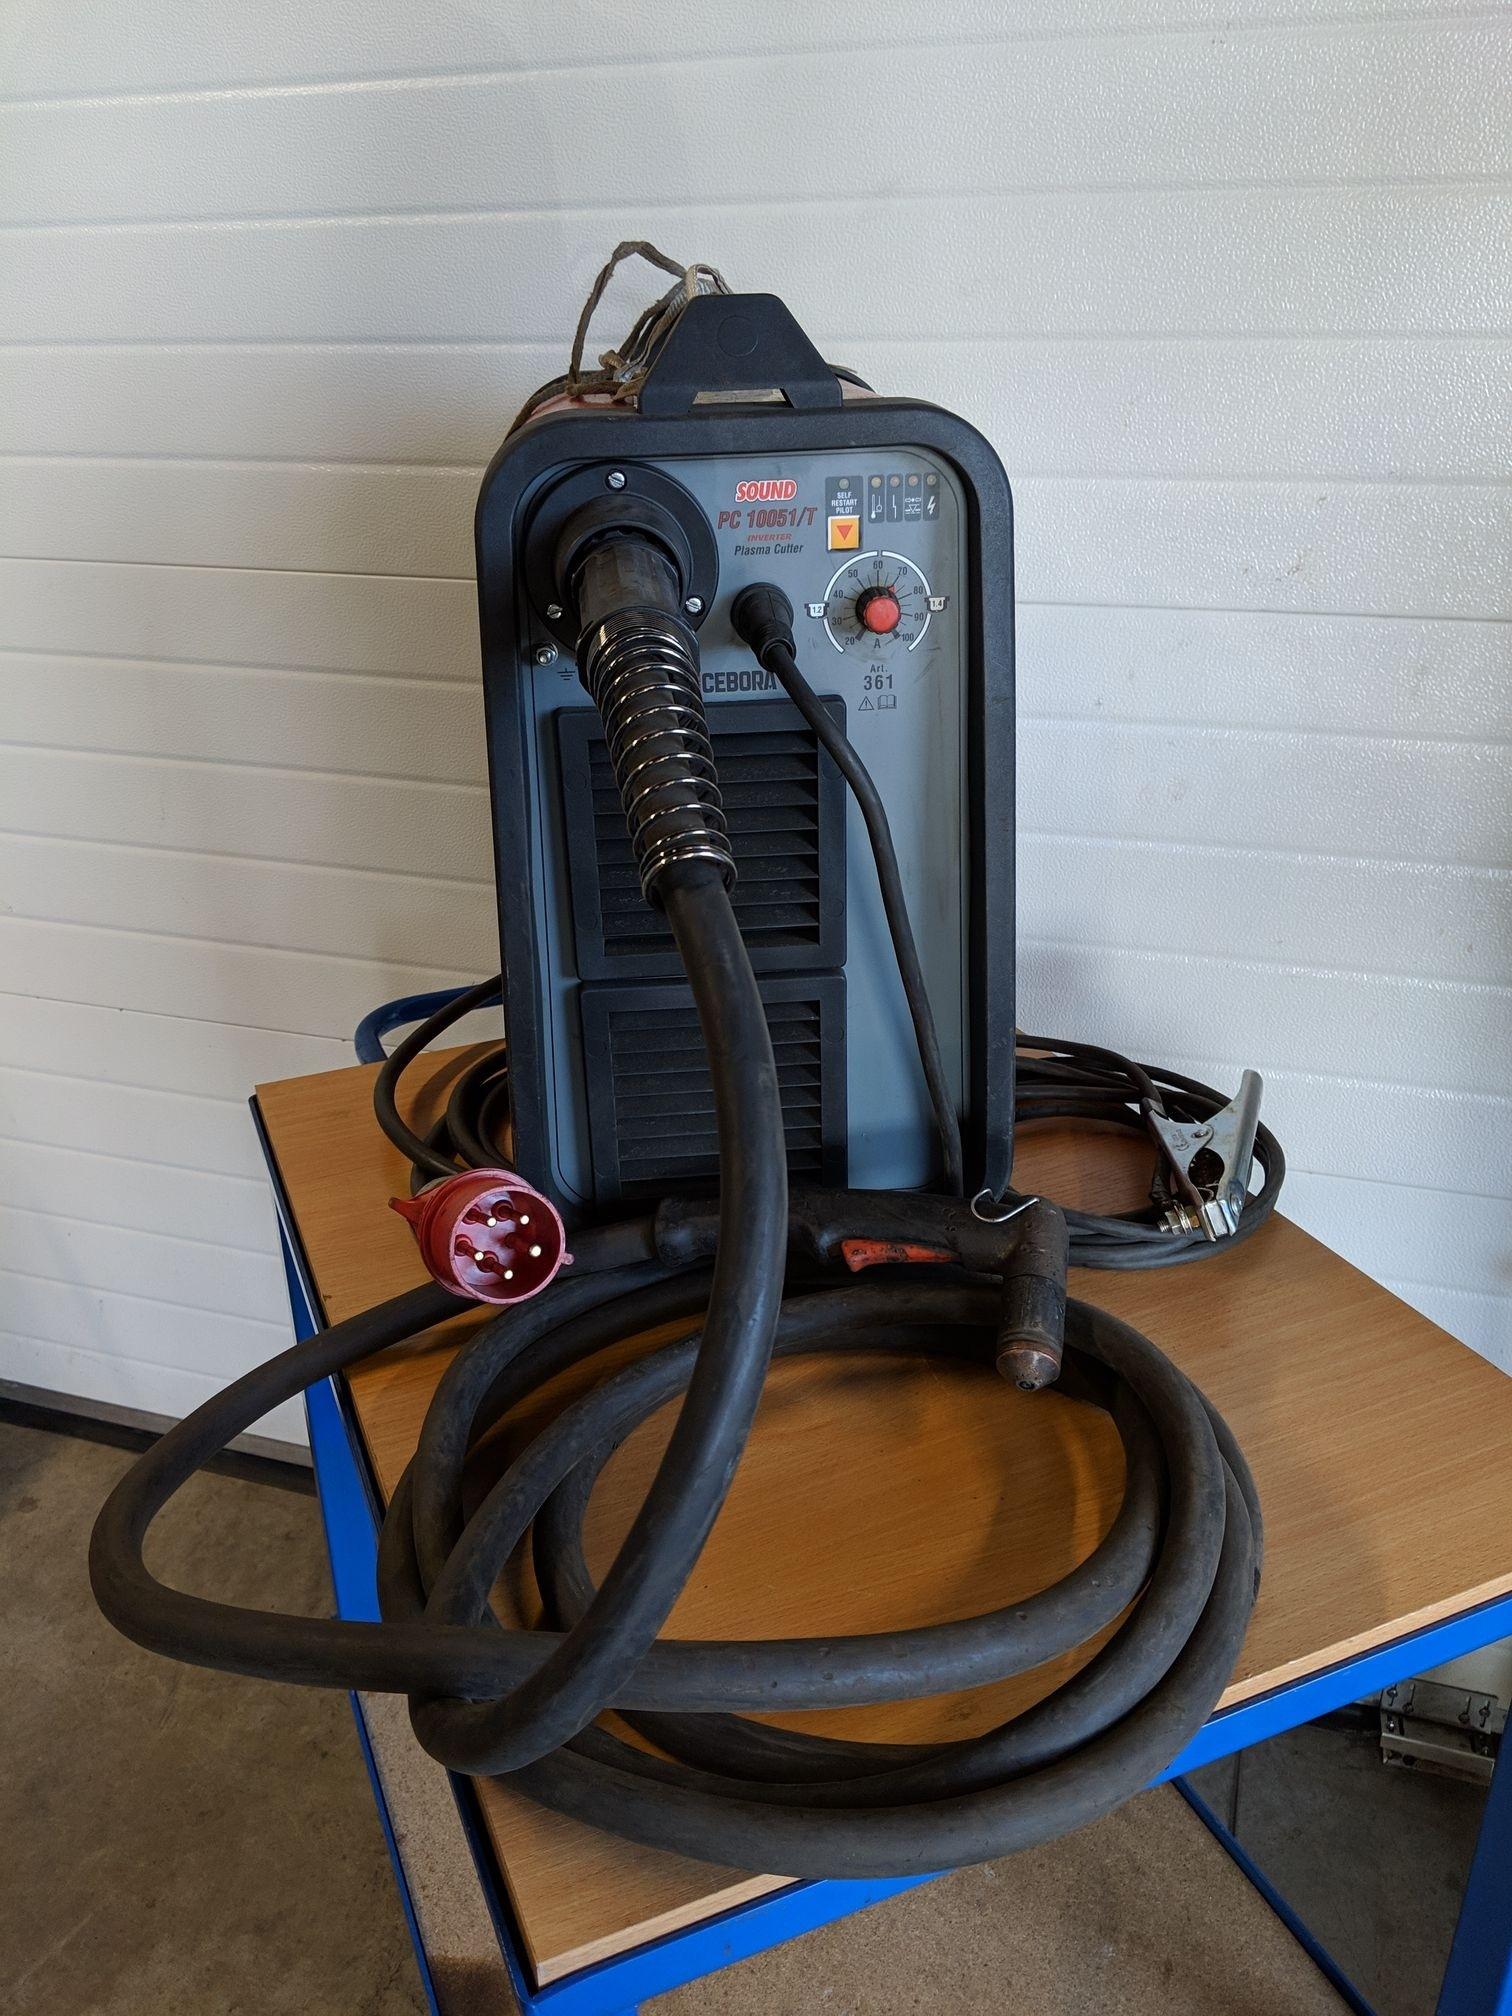 Plasmalõikur Cebora pc 10051/T põleti PC161 rent RCEBORA